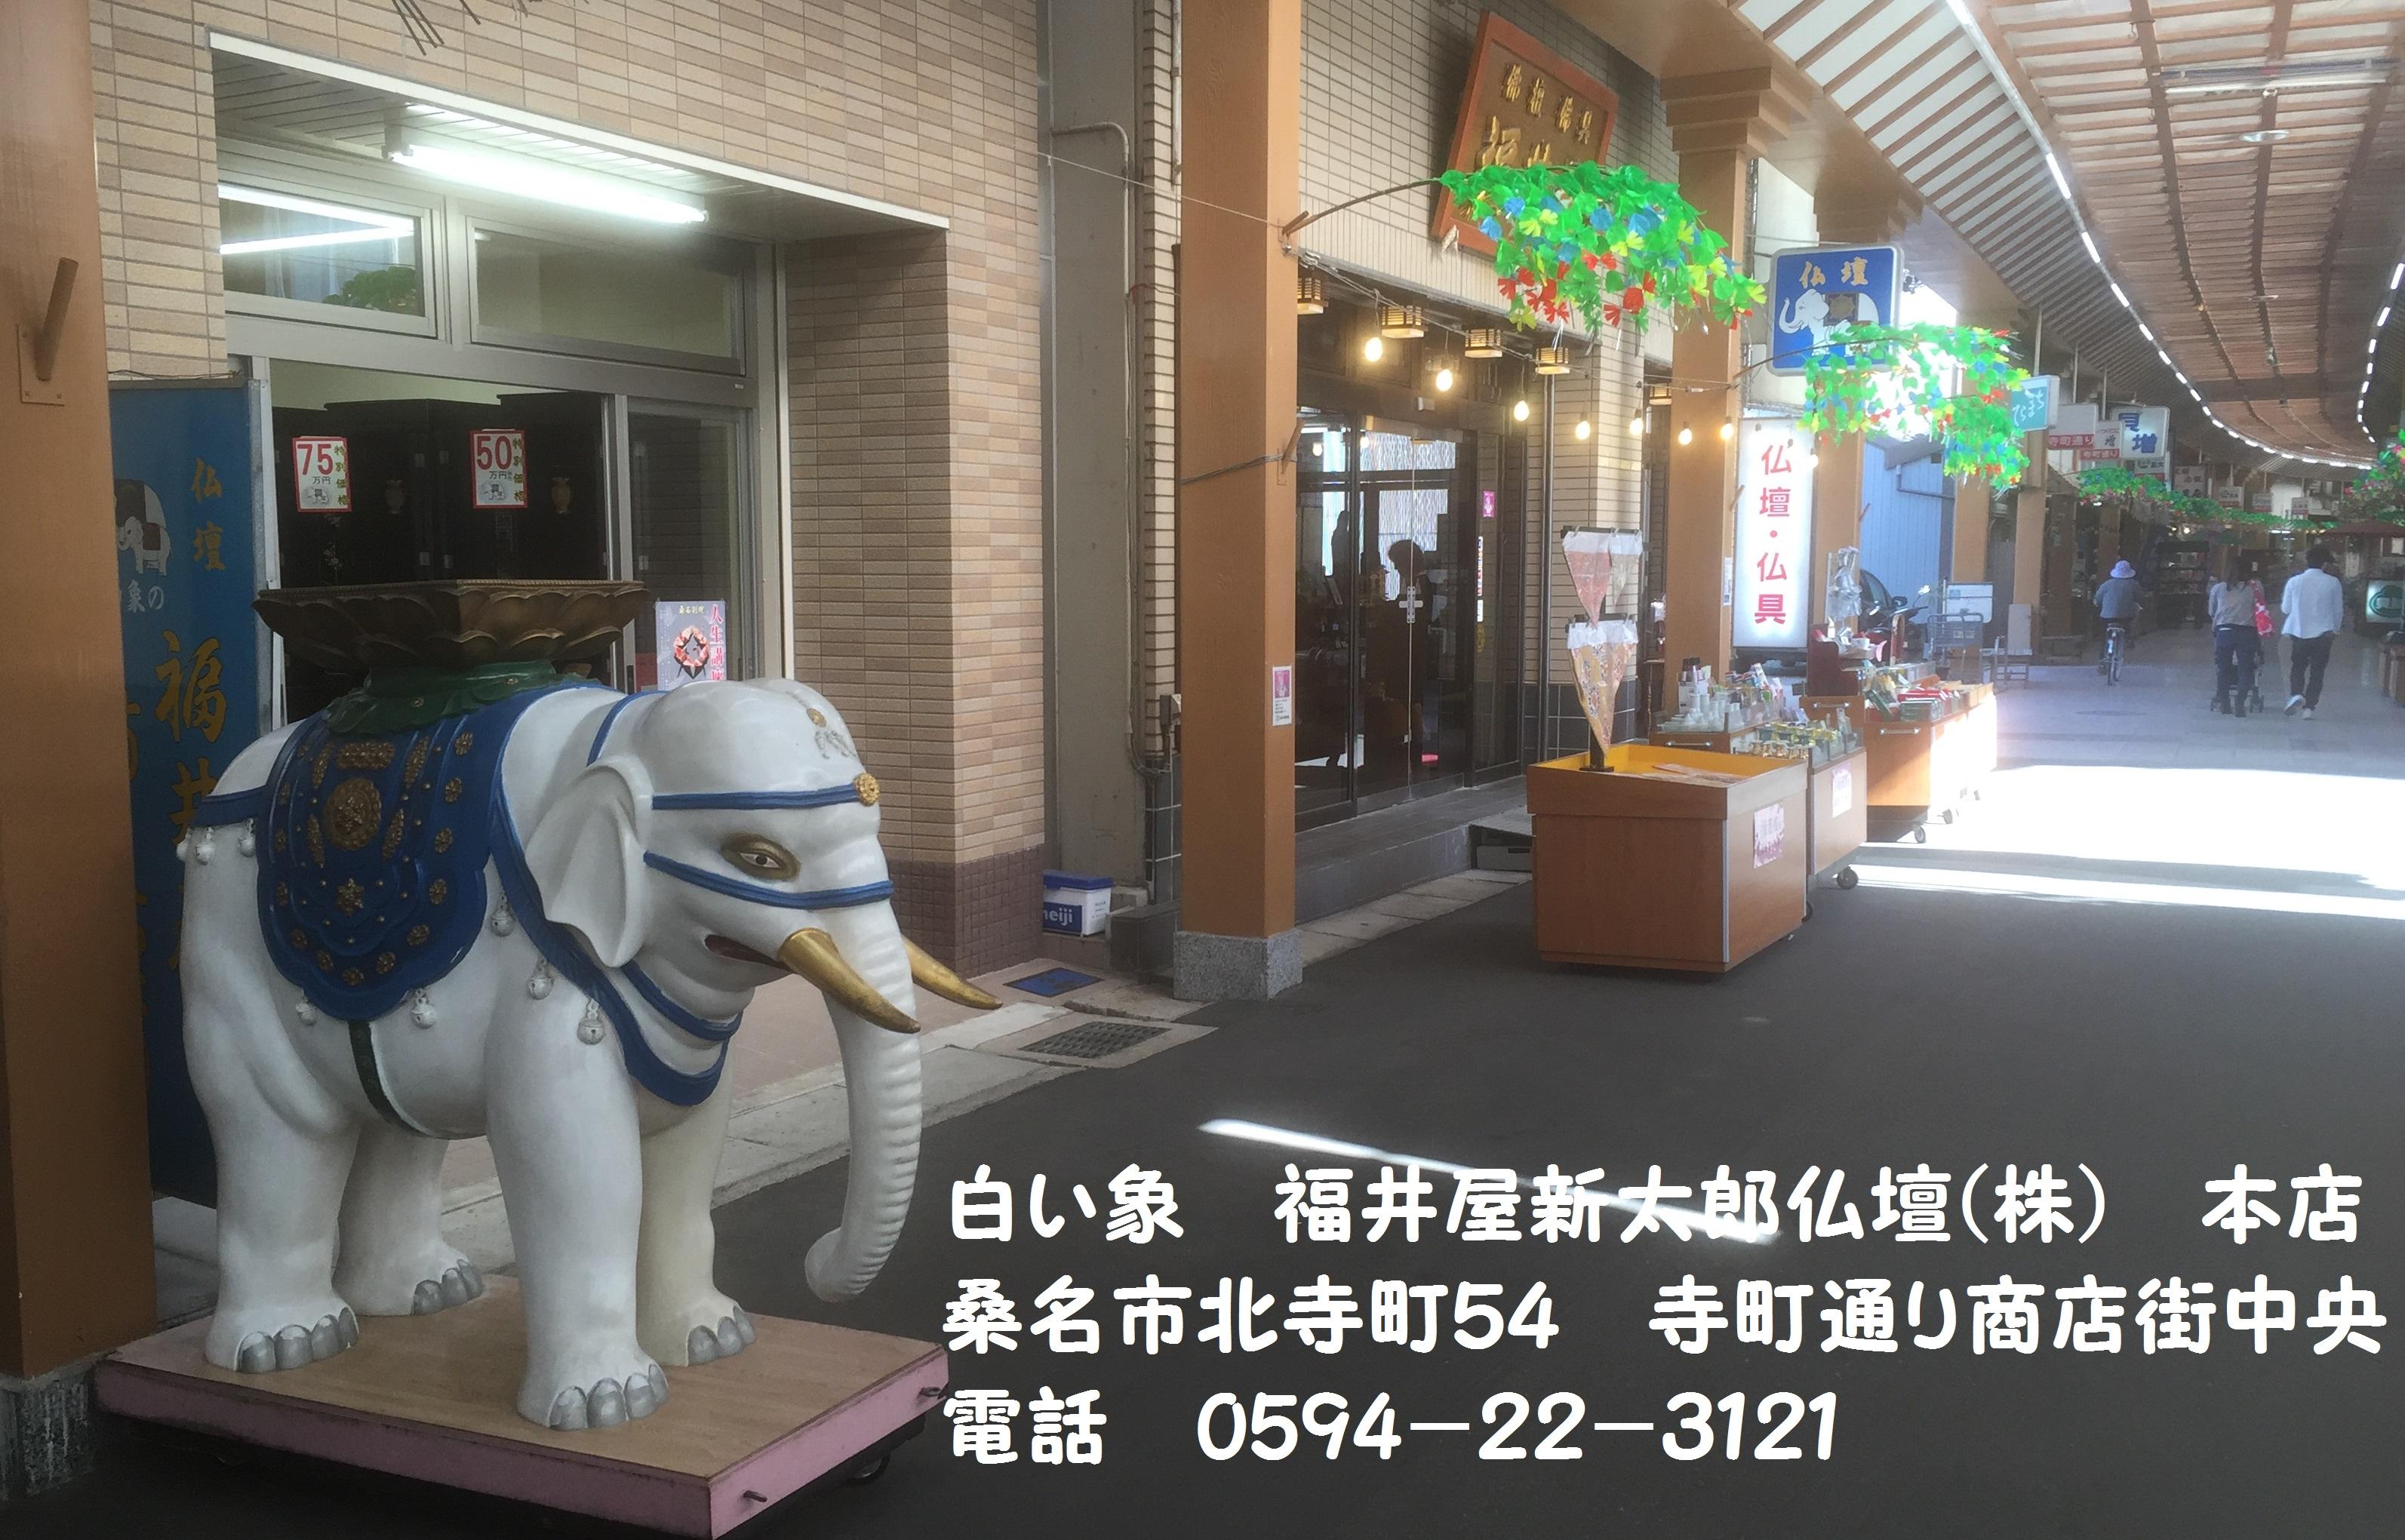 白い象 福井屋新太郎仏壇㈱